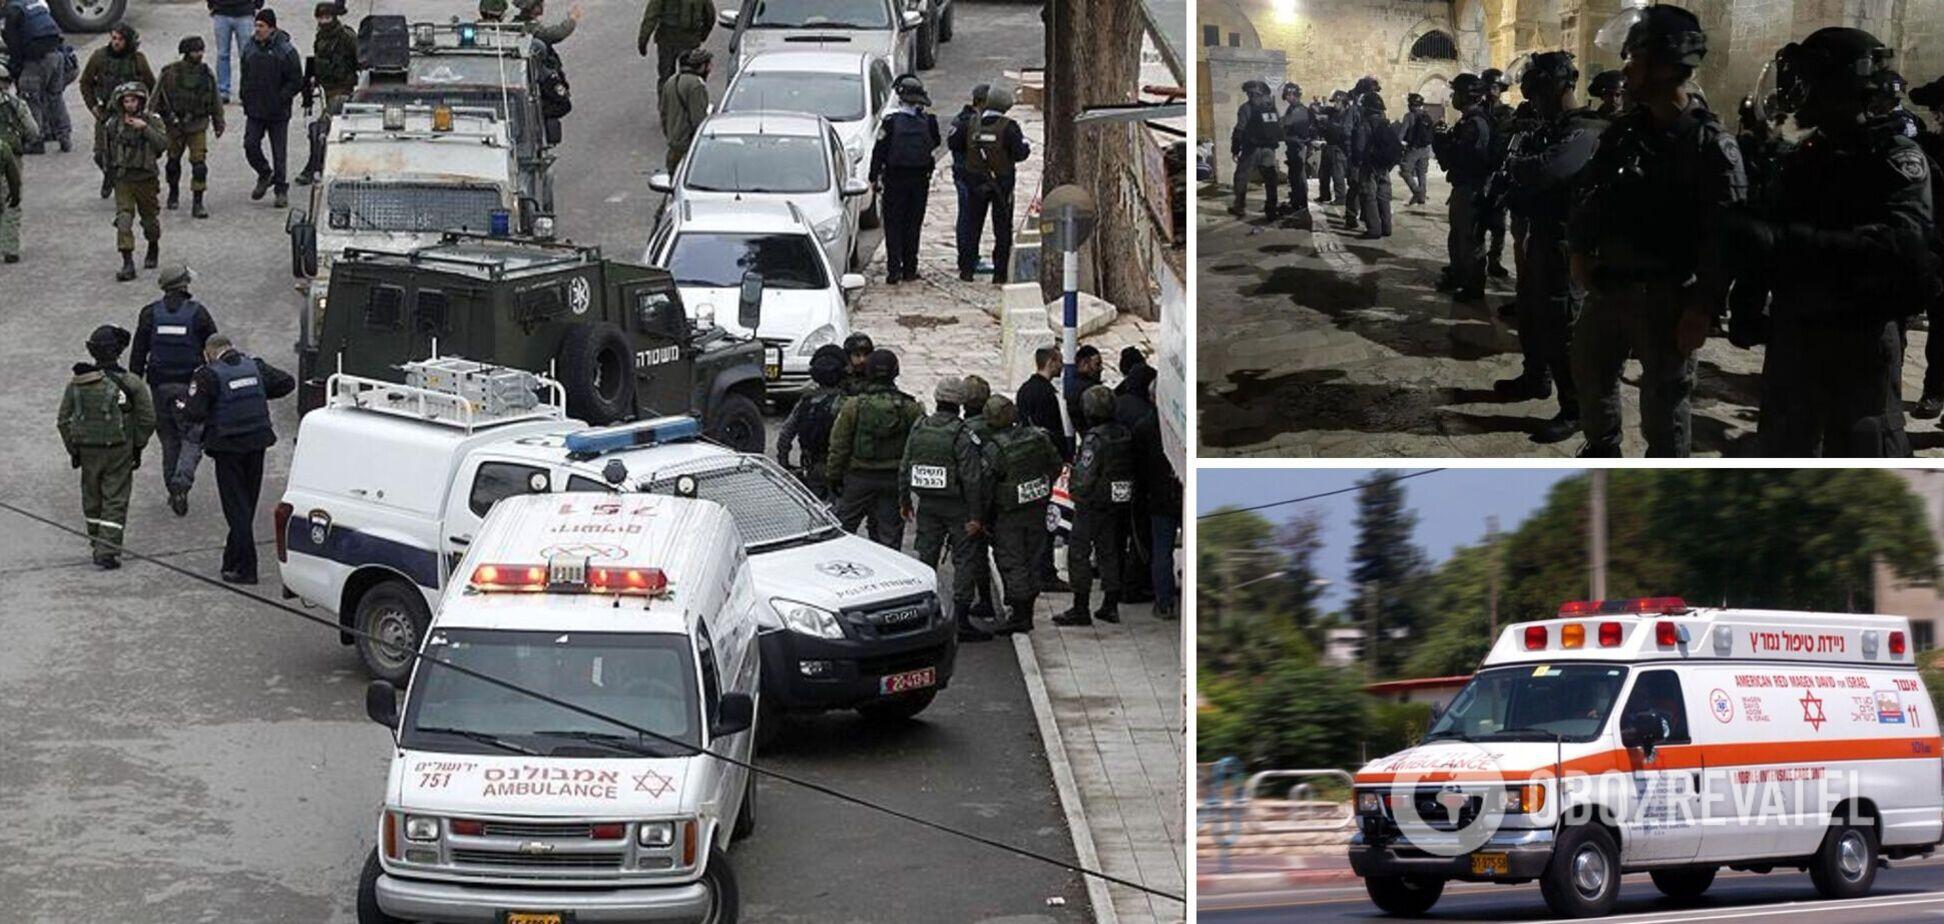 В Єрусалимі скоїли теракт: поранено поліцейських